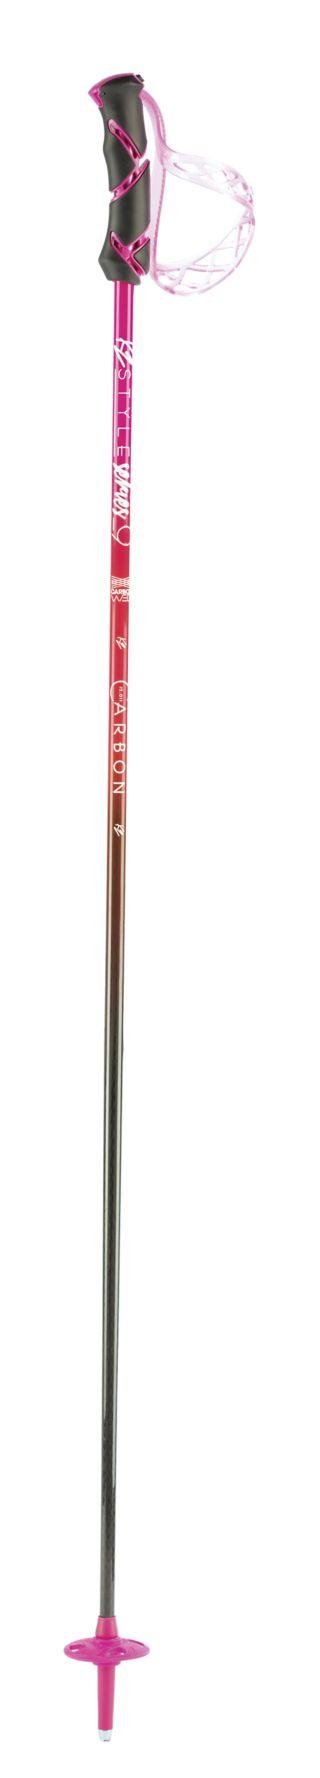 K2 Skis - Style 9 Carbon  Ski Pole